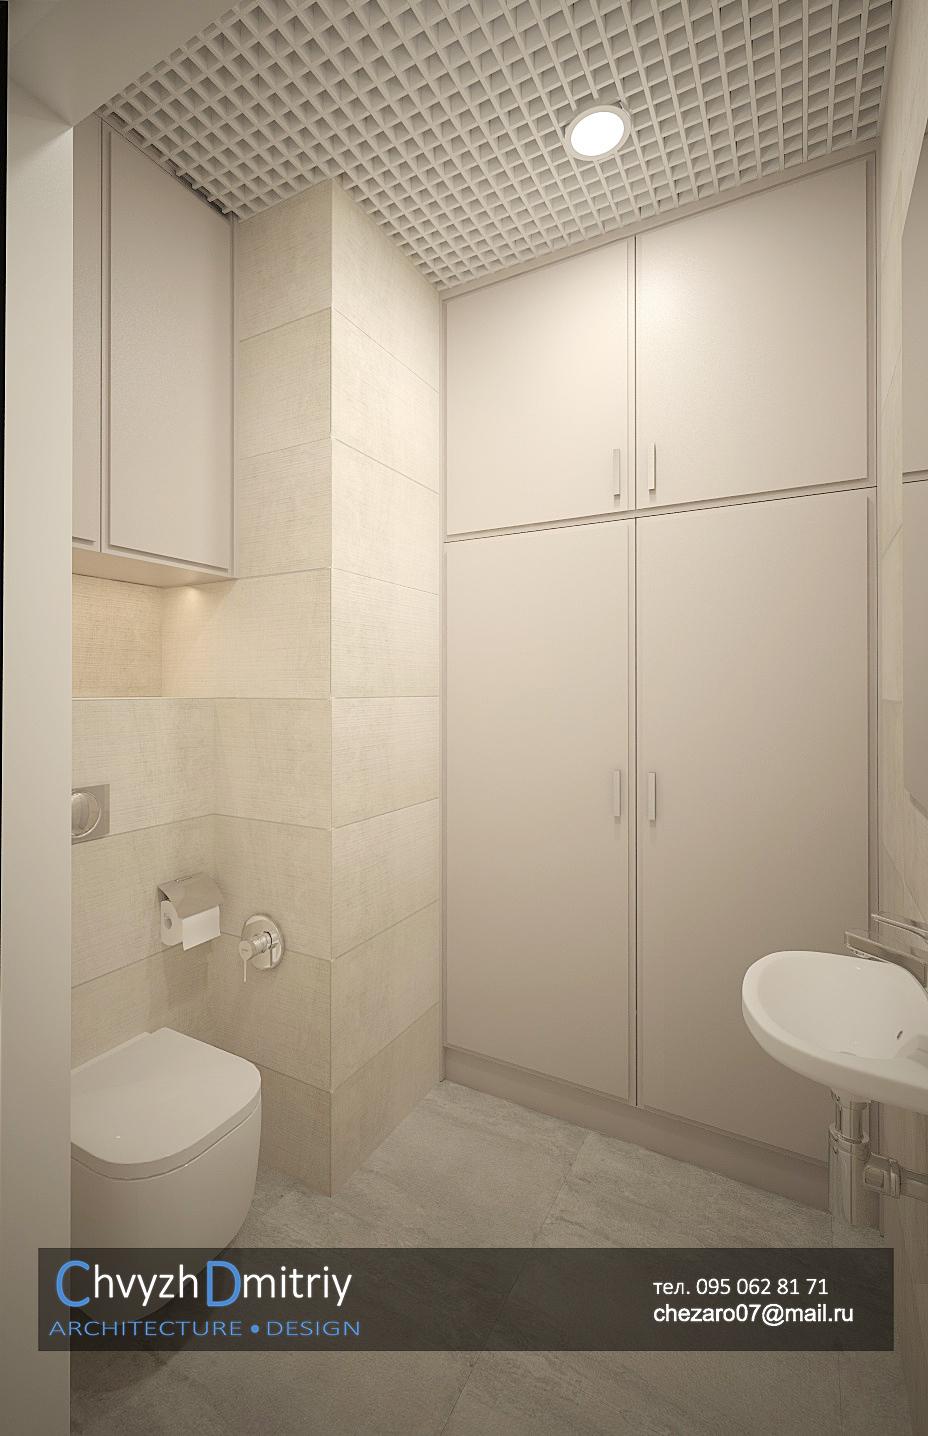 Санузел туалет постирочная унитаз умывальник грильято керамогранит современный дизайн дизайн туалета шкаф